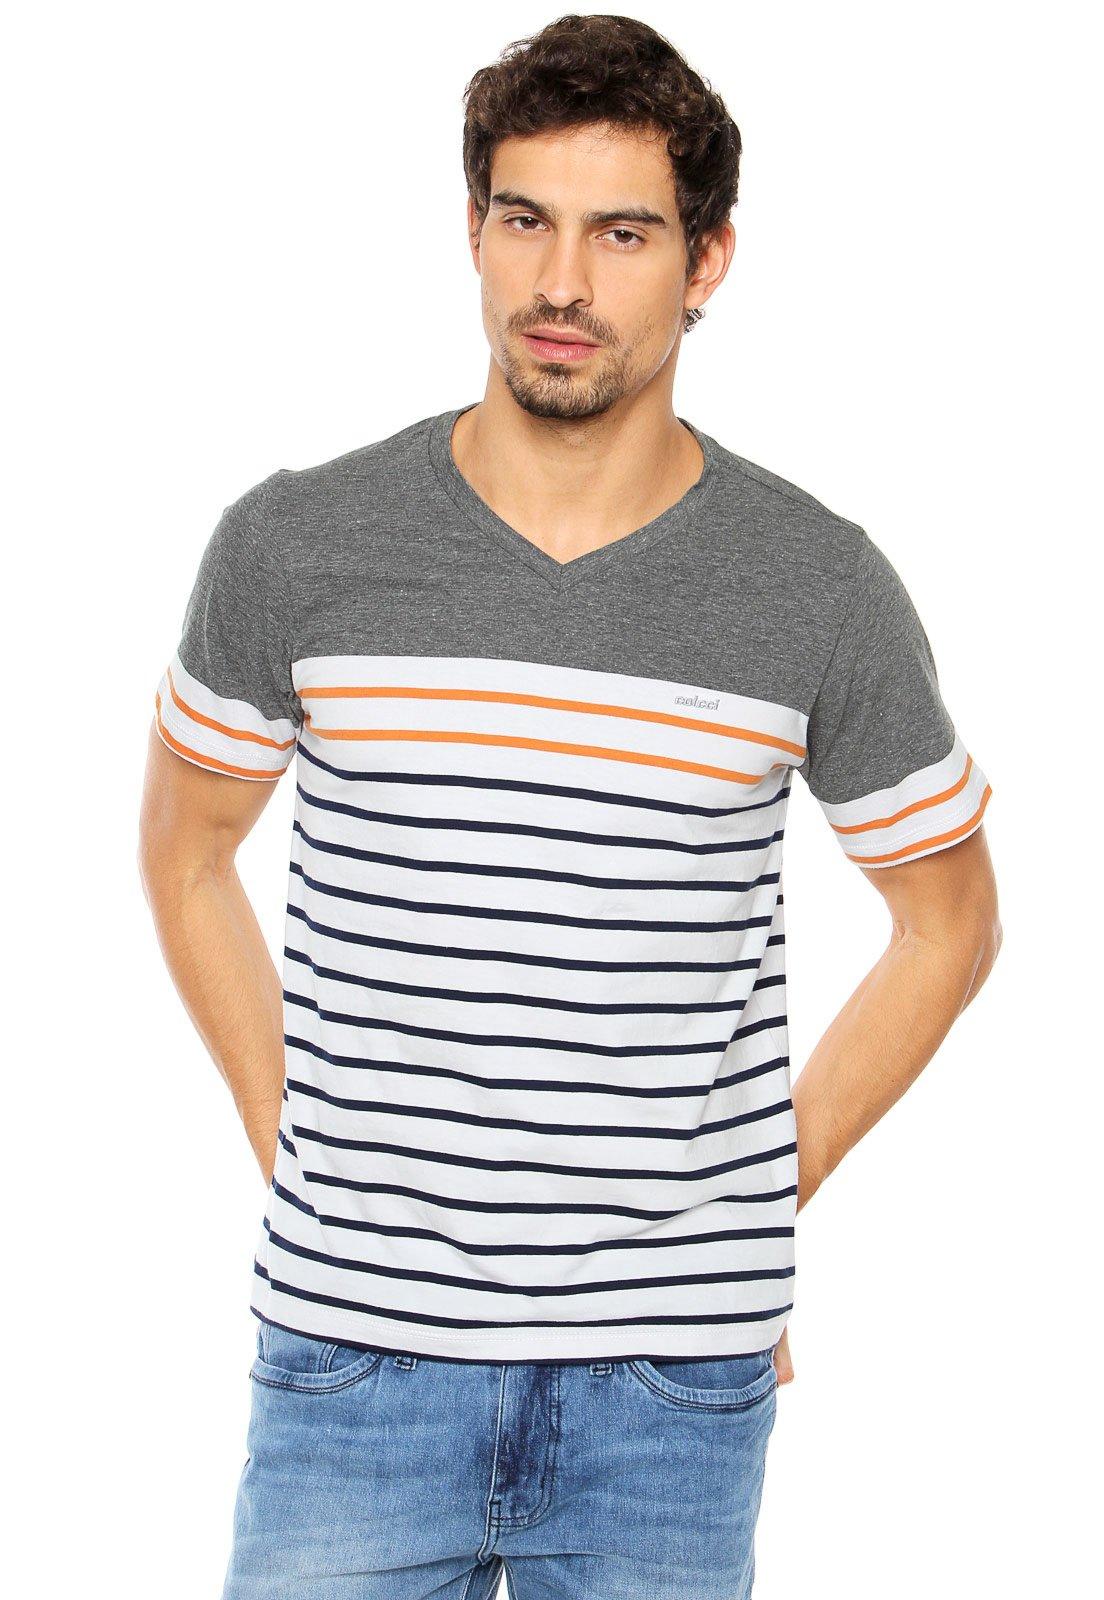 ba850dfe89 Camiseta Colcci Listrada Cinza Branca - Compre Agora